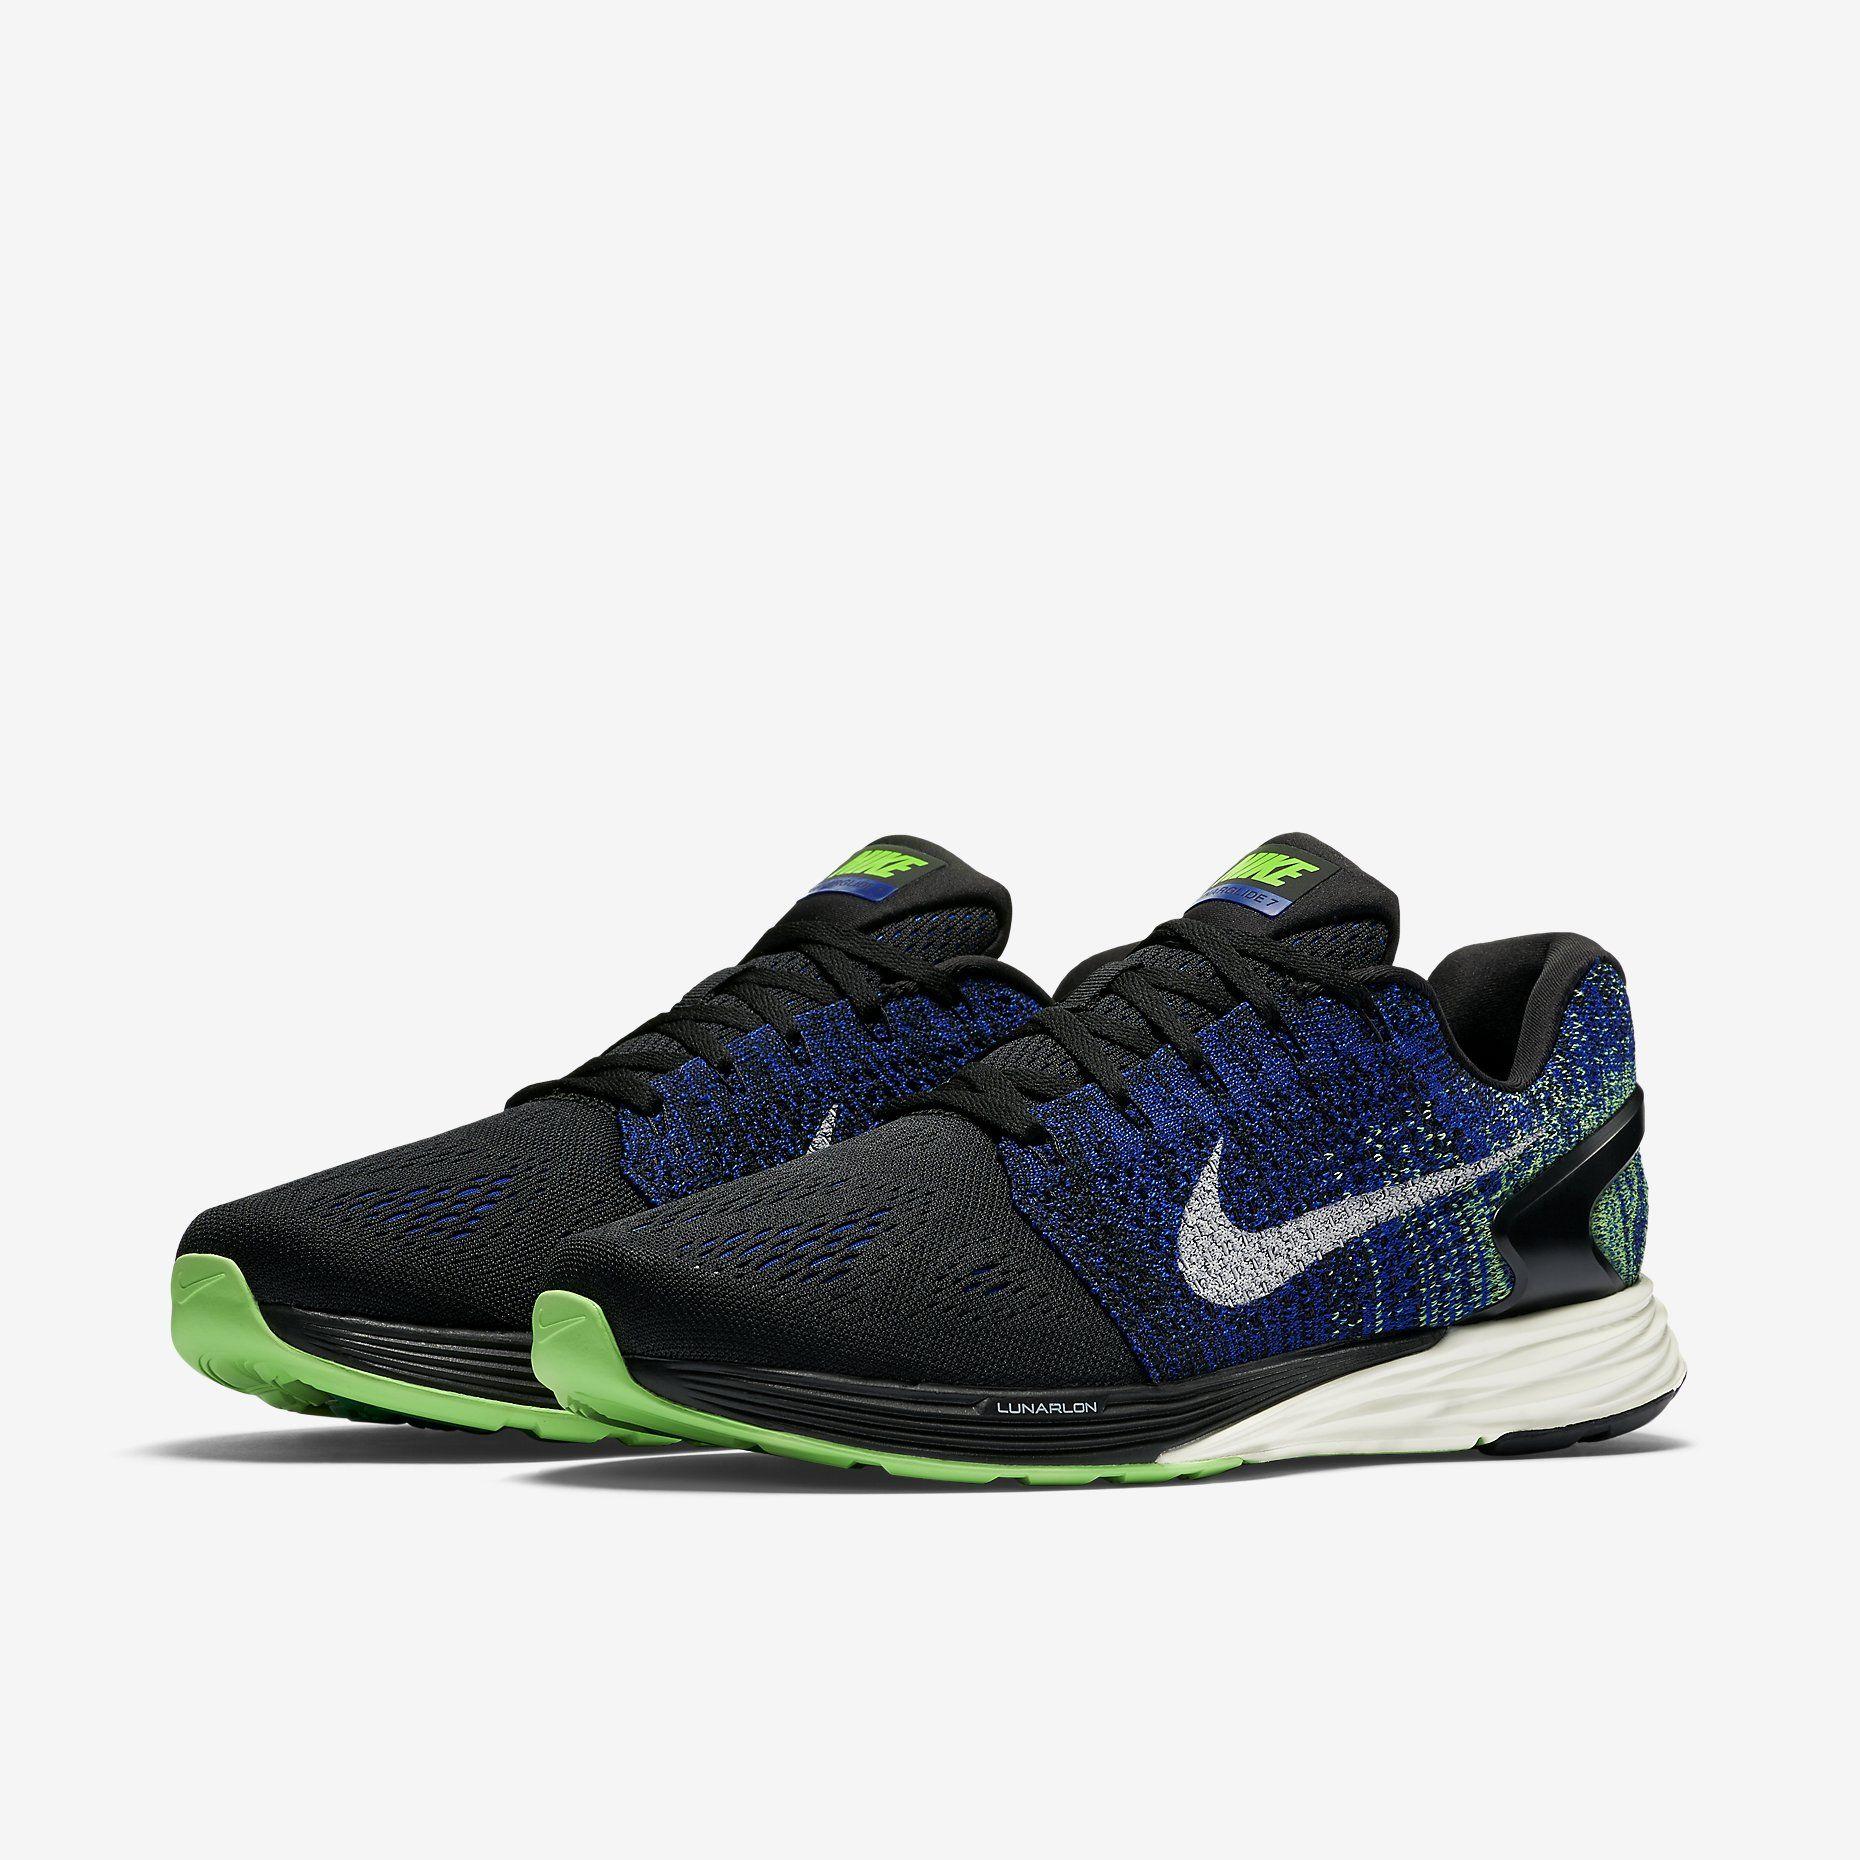 Nike LunarGlide 7 (Black/Racer Blue/Voltage Green/Sail)   Nike.com   Men's  Workout Clothes   Pinterest   Black racer